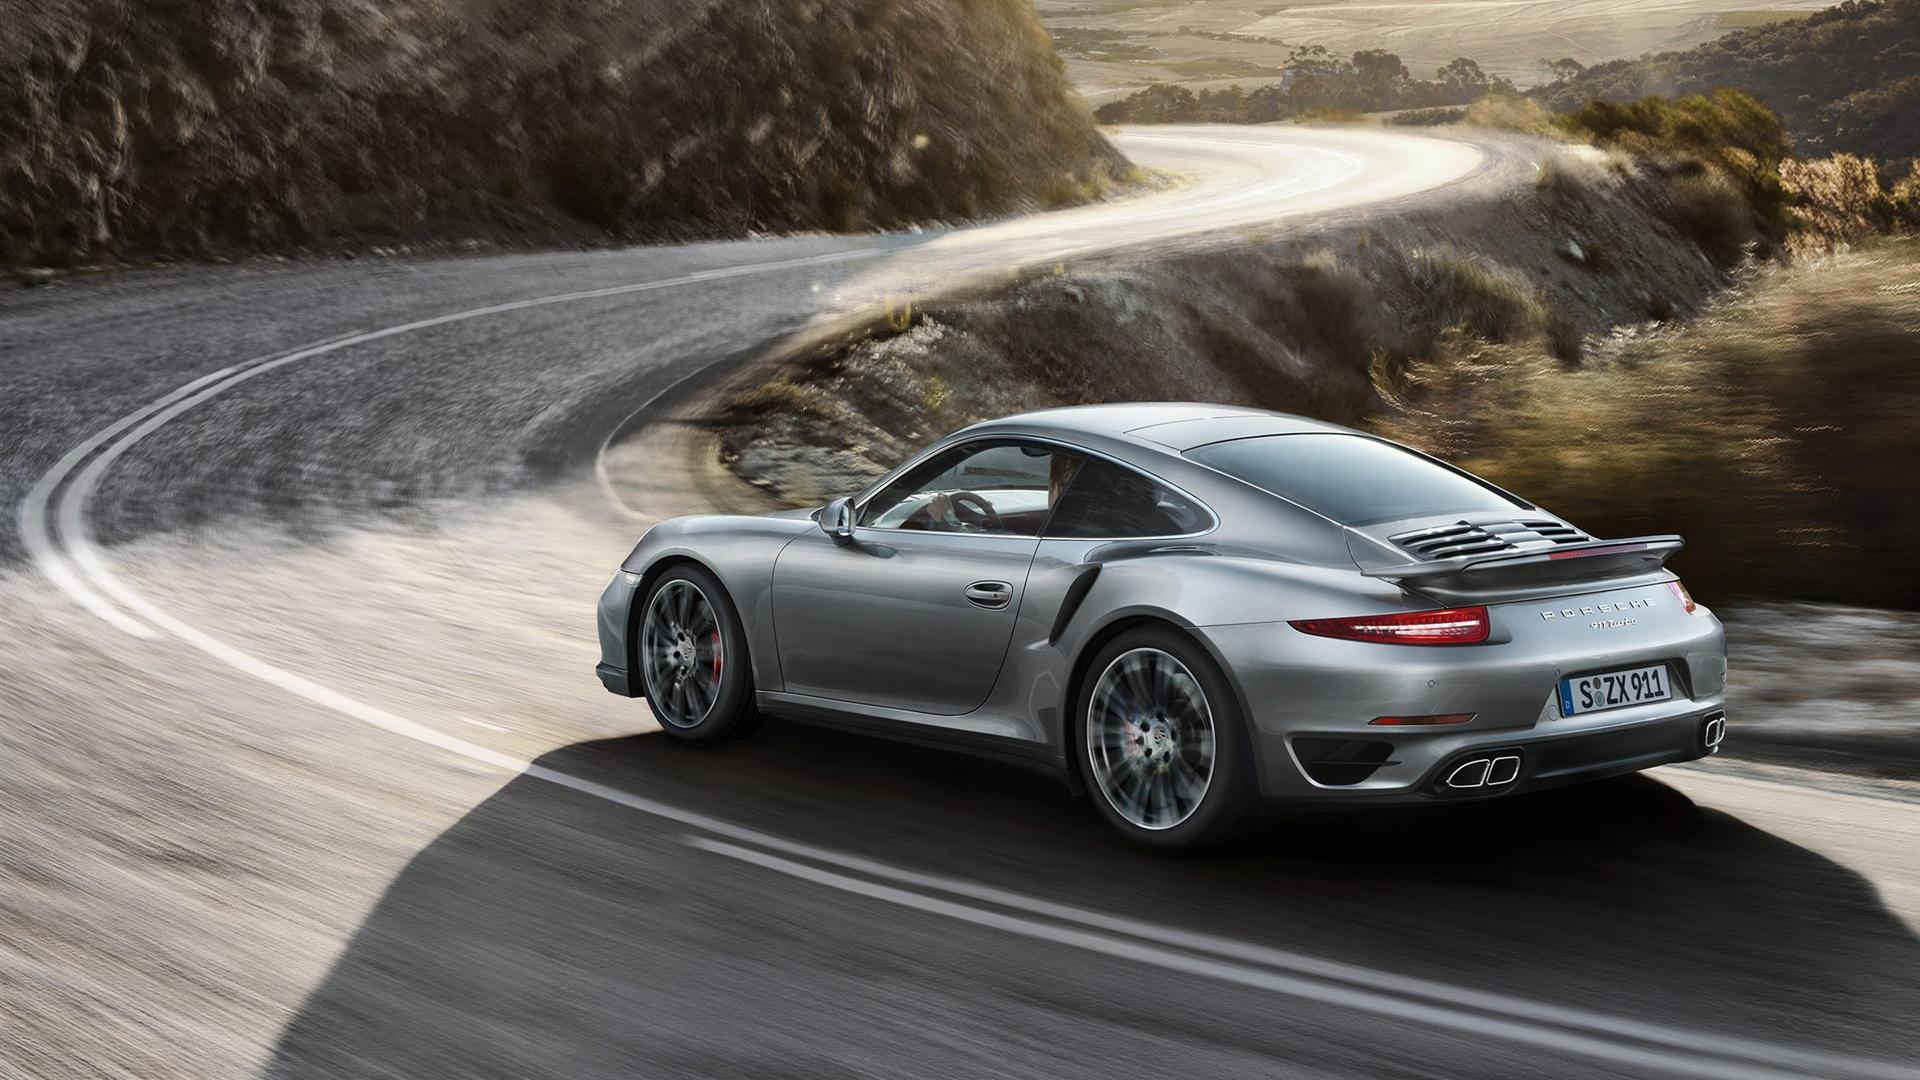 Fondos De Pantalla Porsche 911 Turbo De Velocidad Del Coche